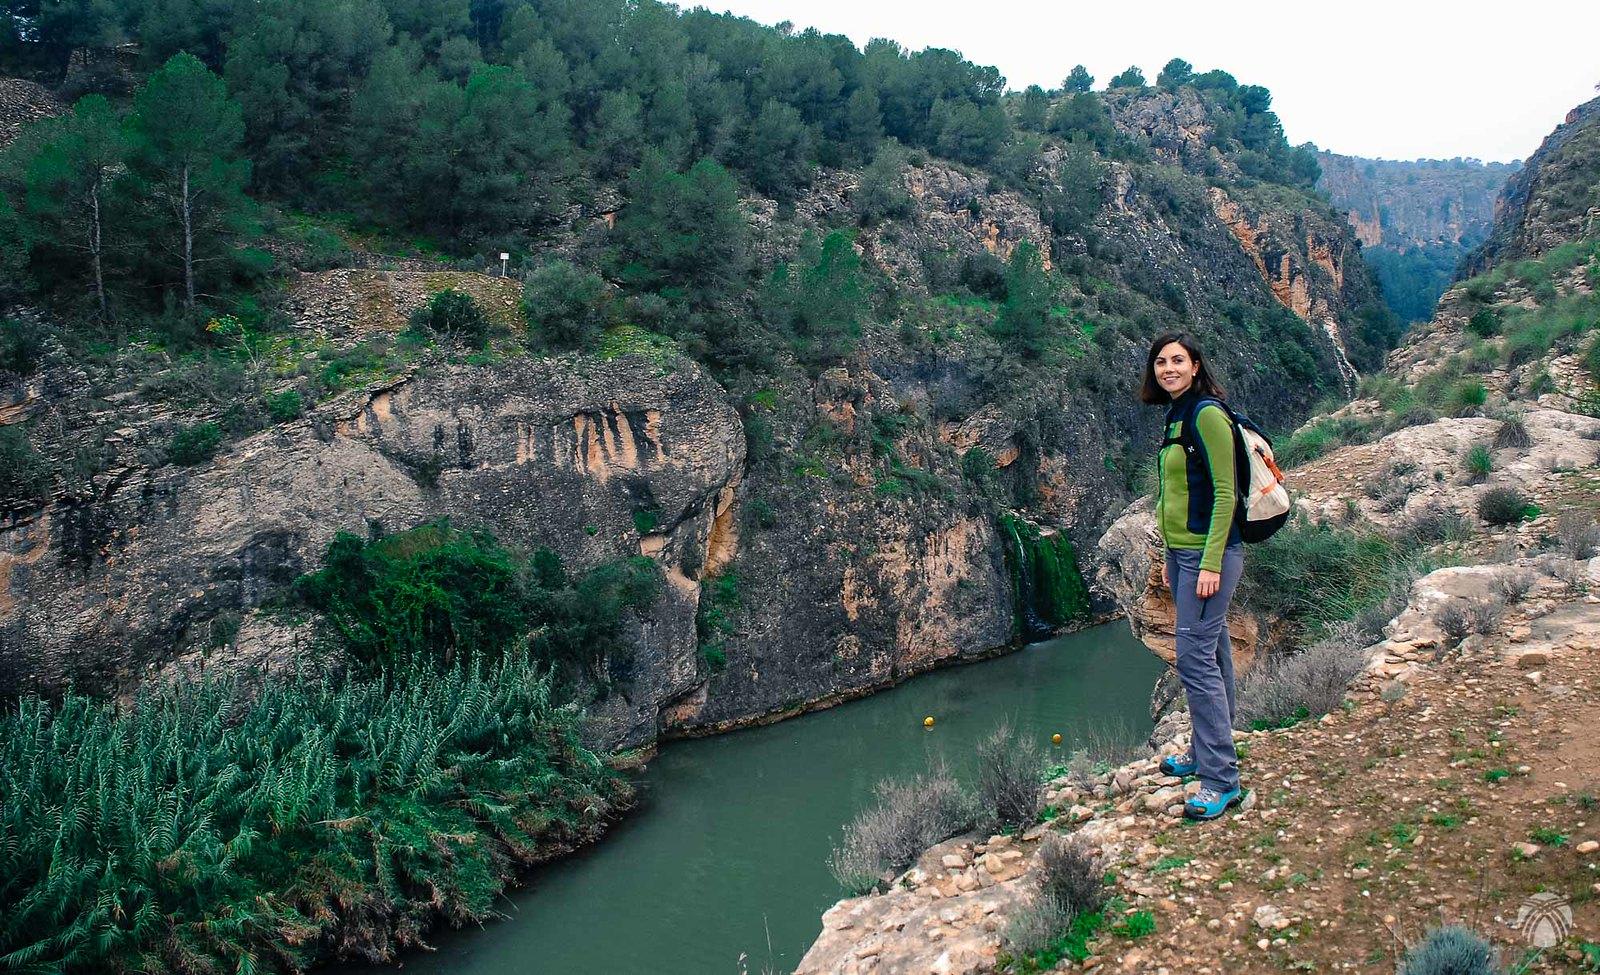 El río remansado